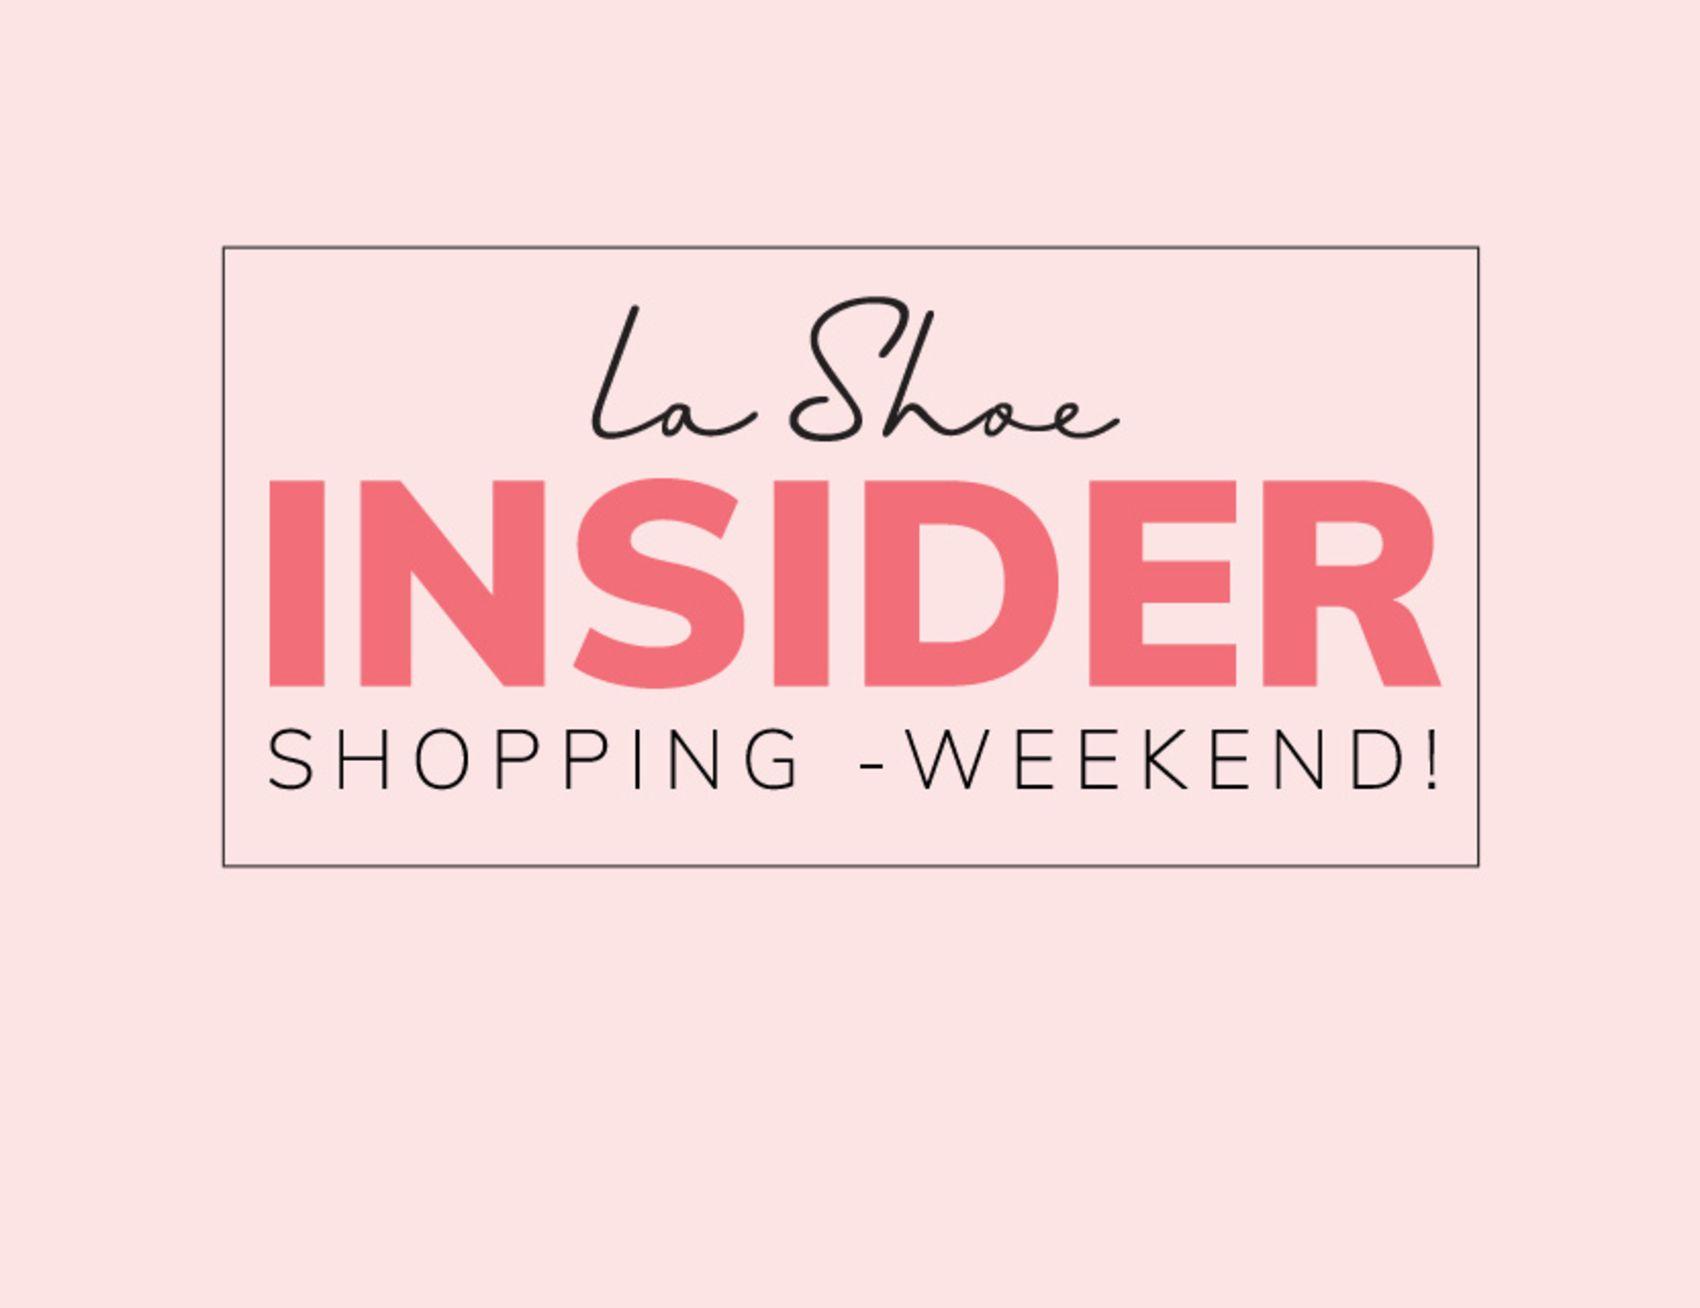 Jetzt zum Insider werden und beim exklusiven InsiderShopping-Weekend mitmachen